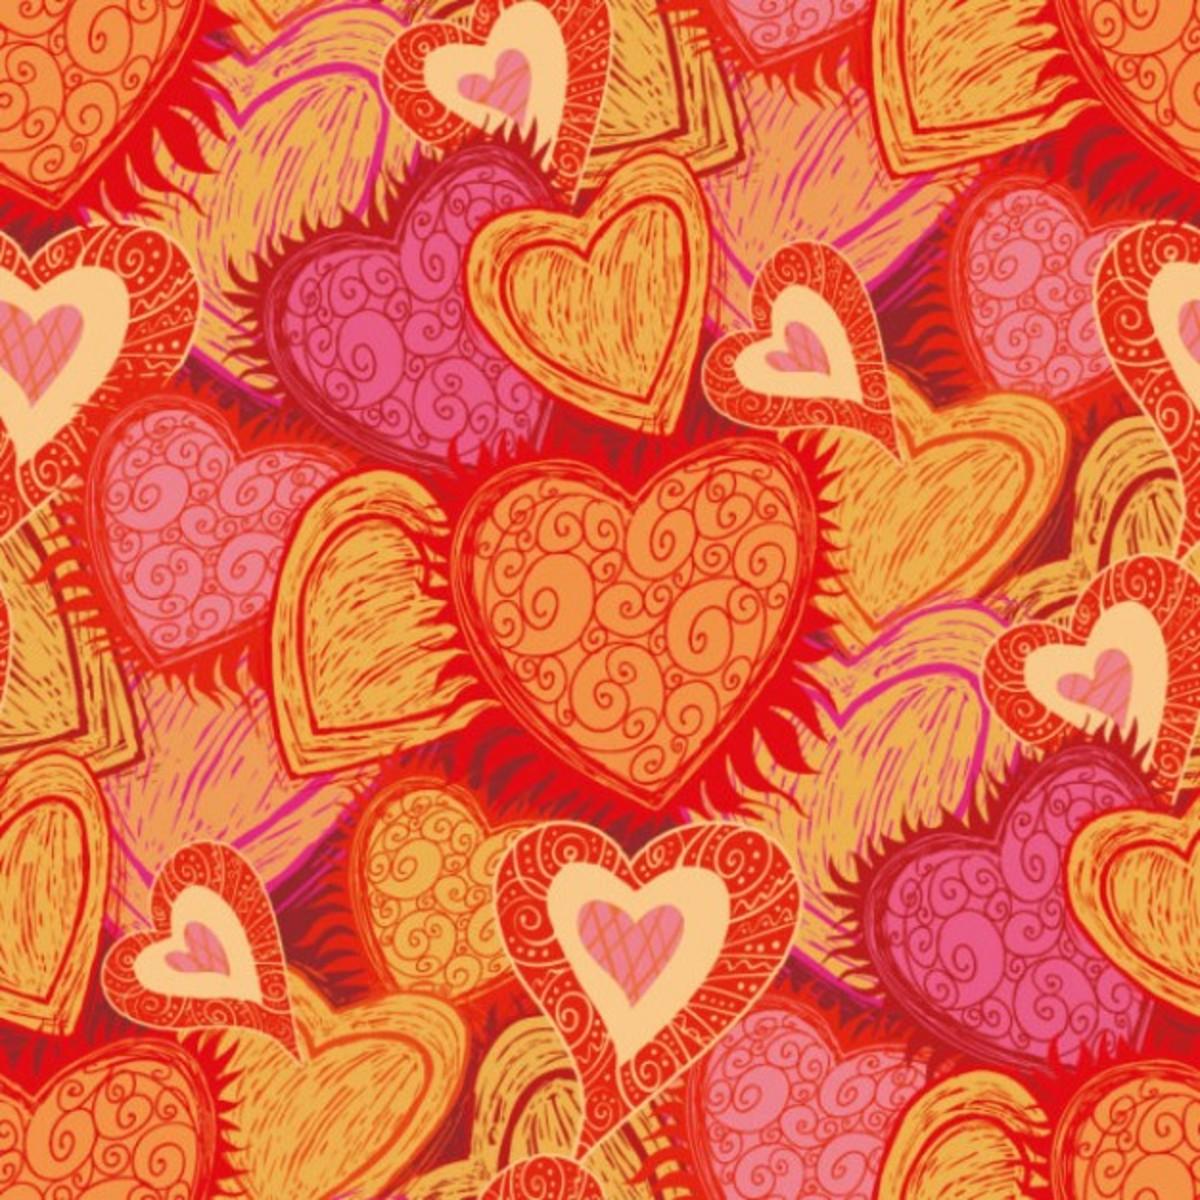 Art Deco Hearts Images